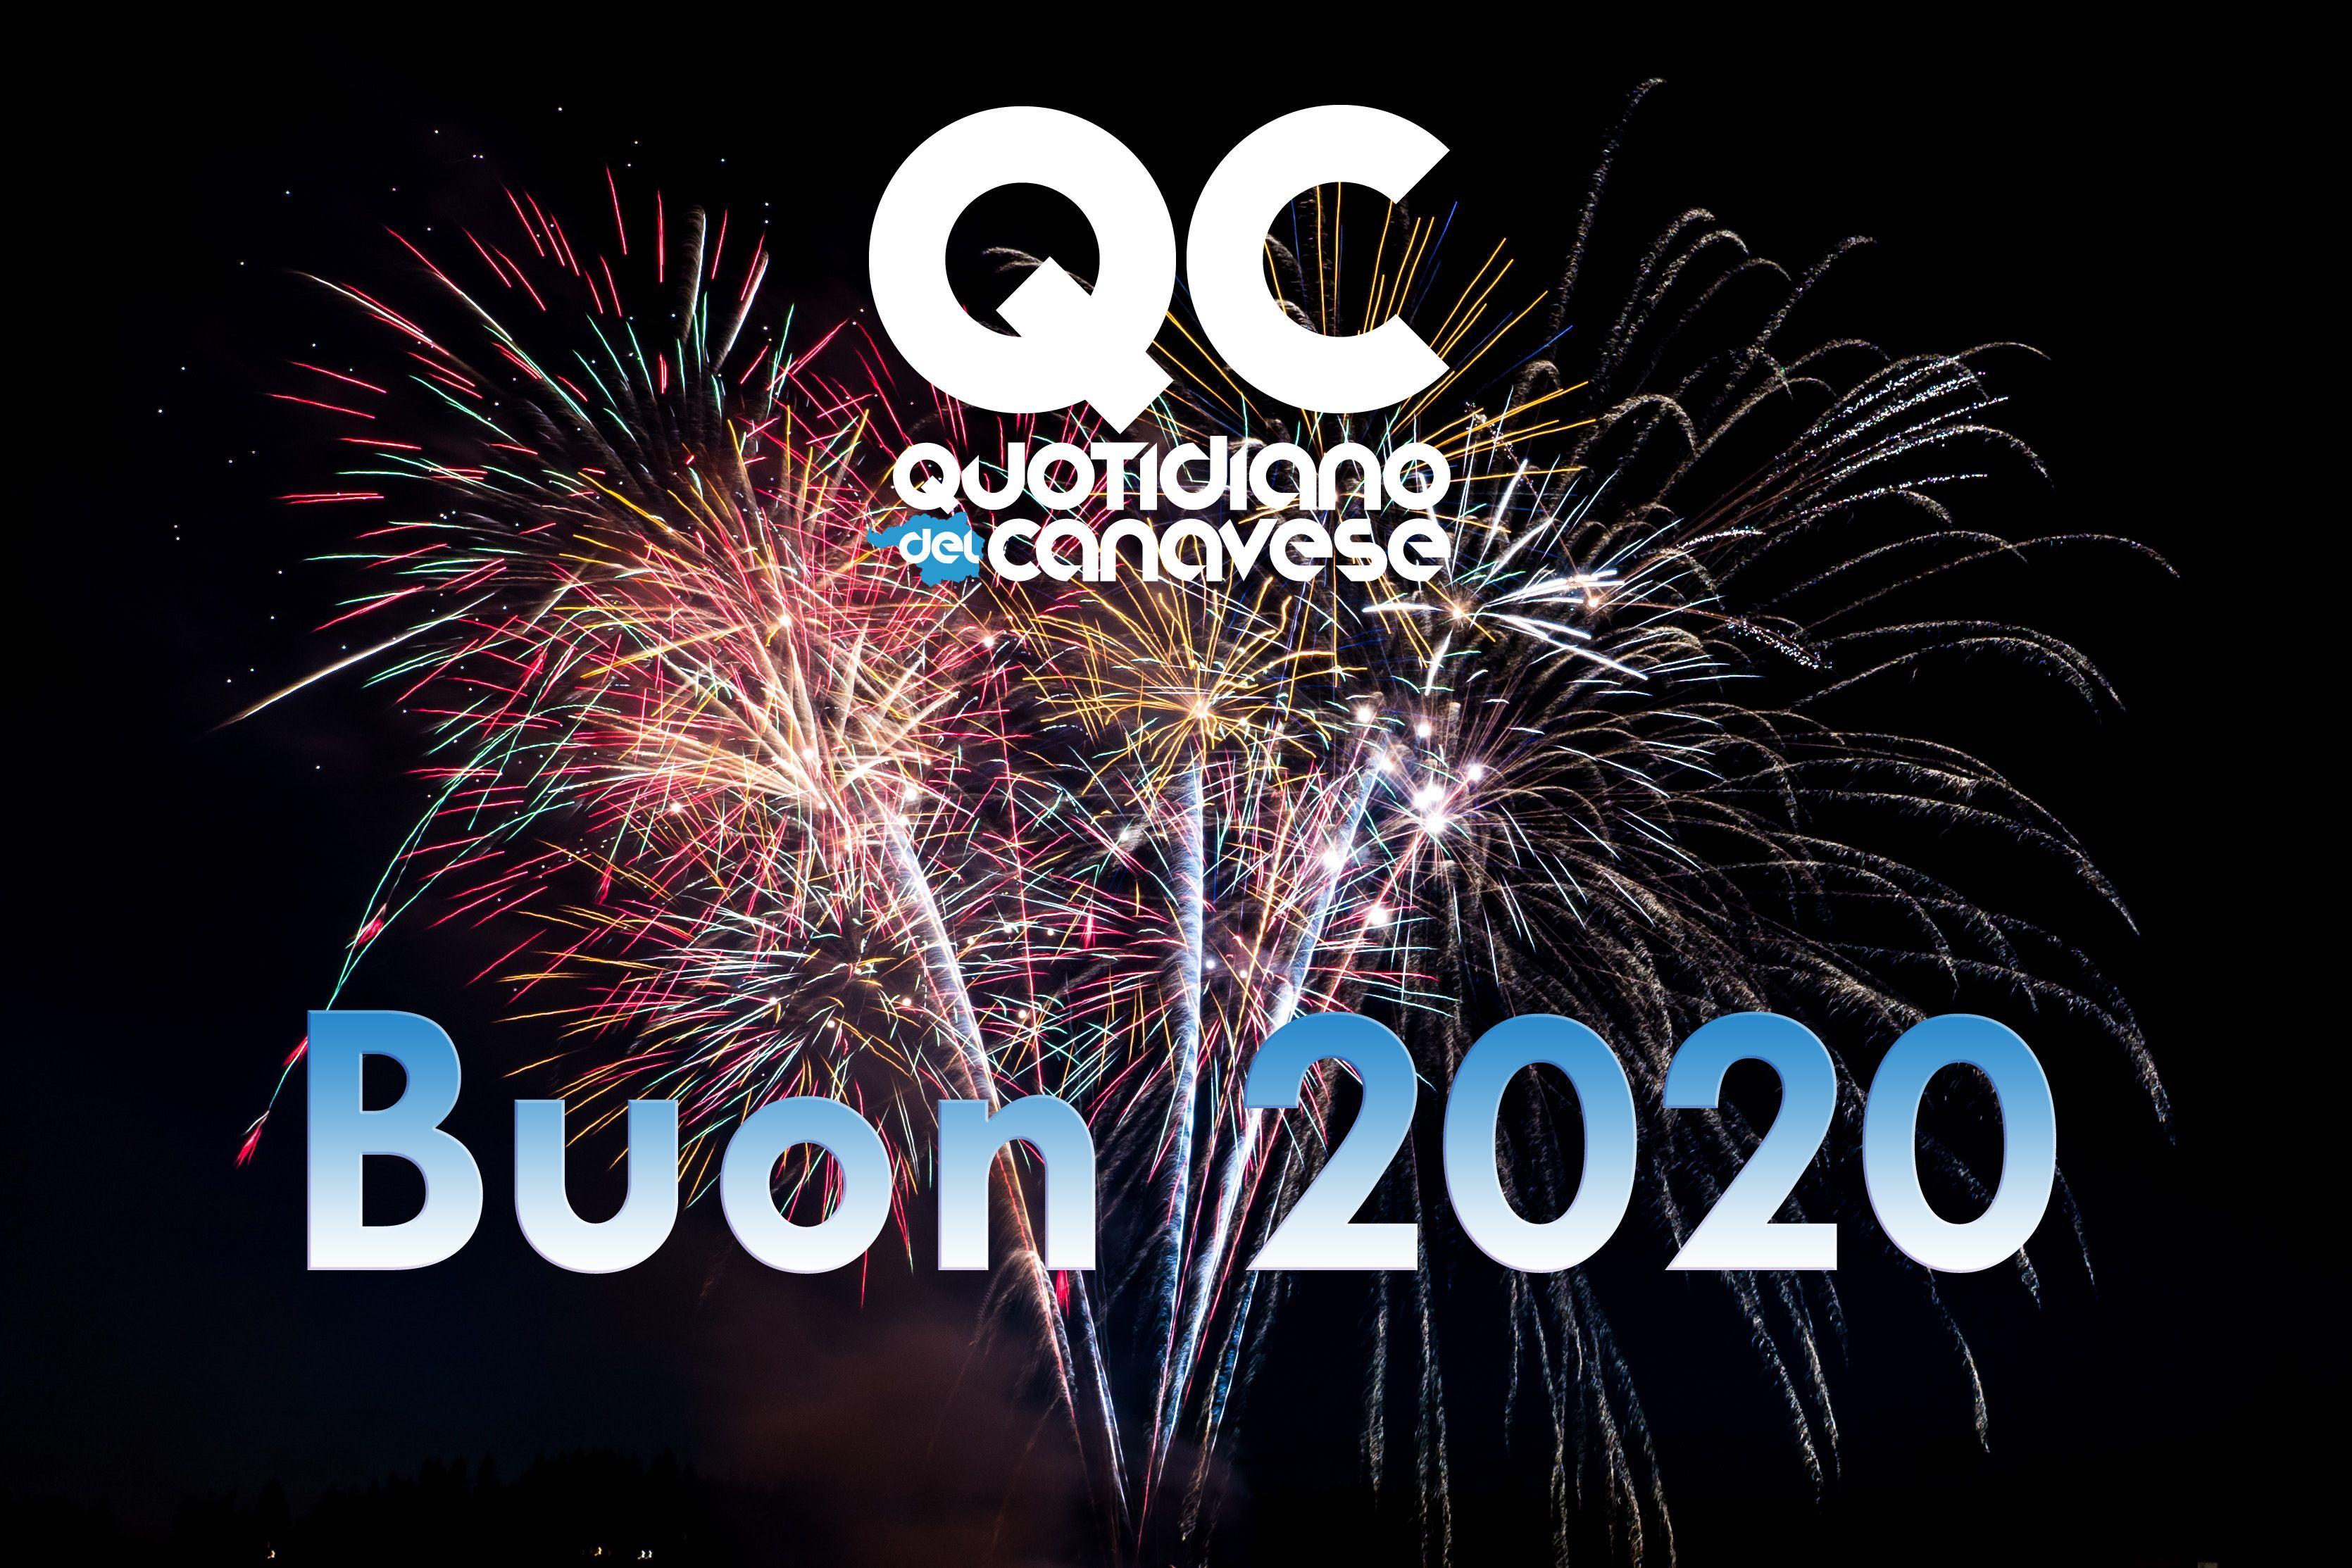 BUON 2020 CANAVESE - Milioni di grazie ai nostri lettori e l'augurio di un nuovo anno all'insegna della serenità